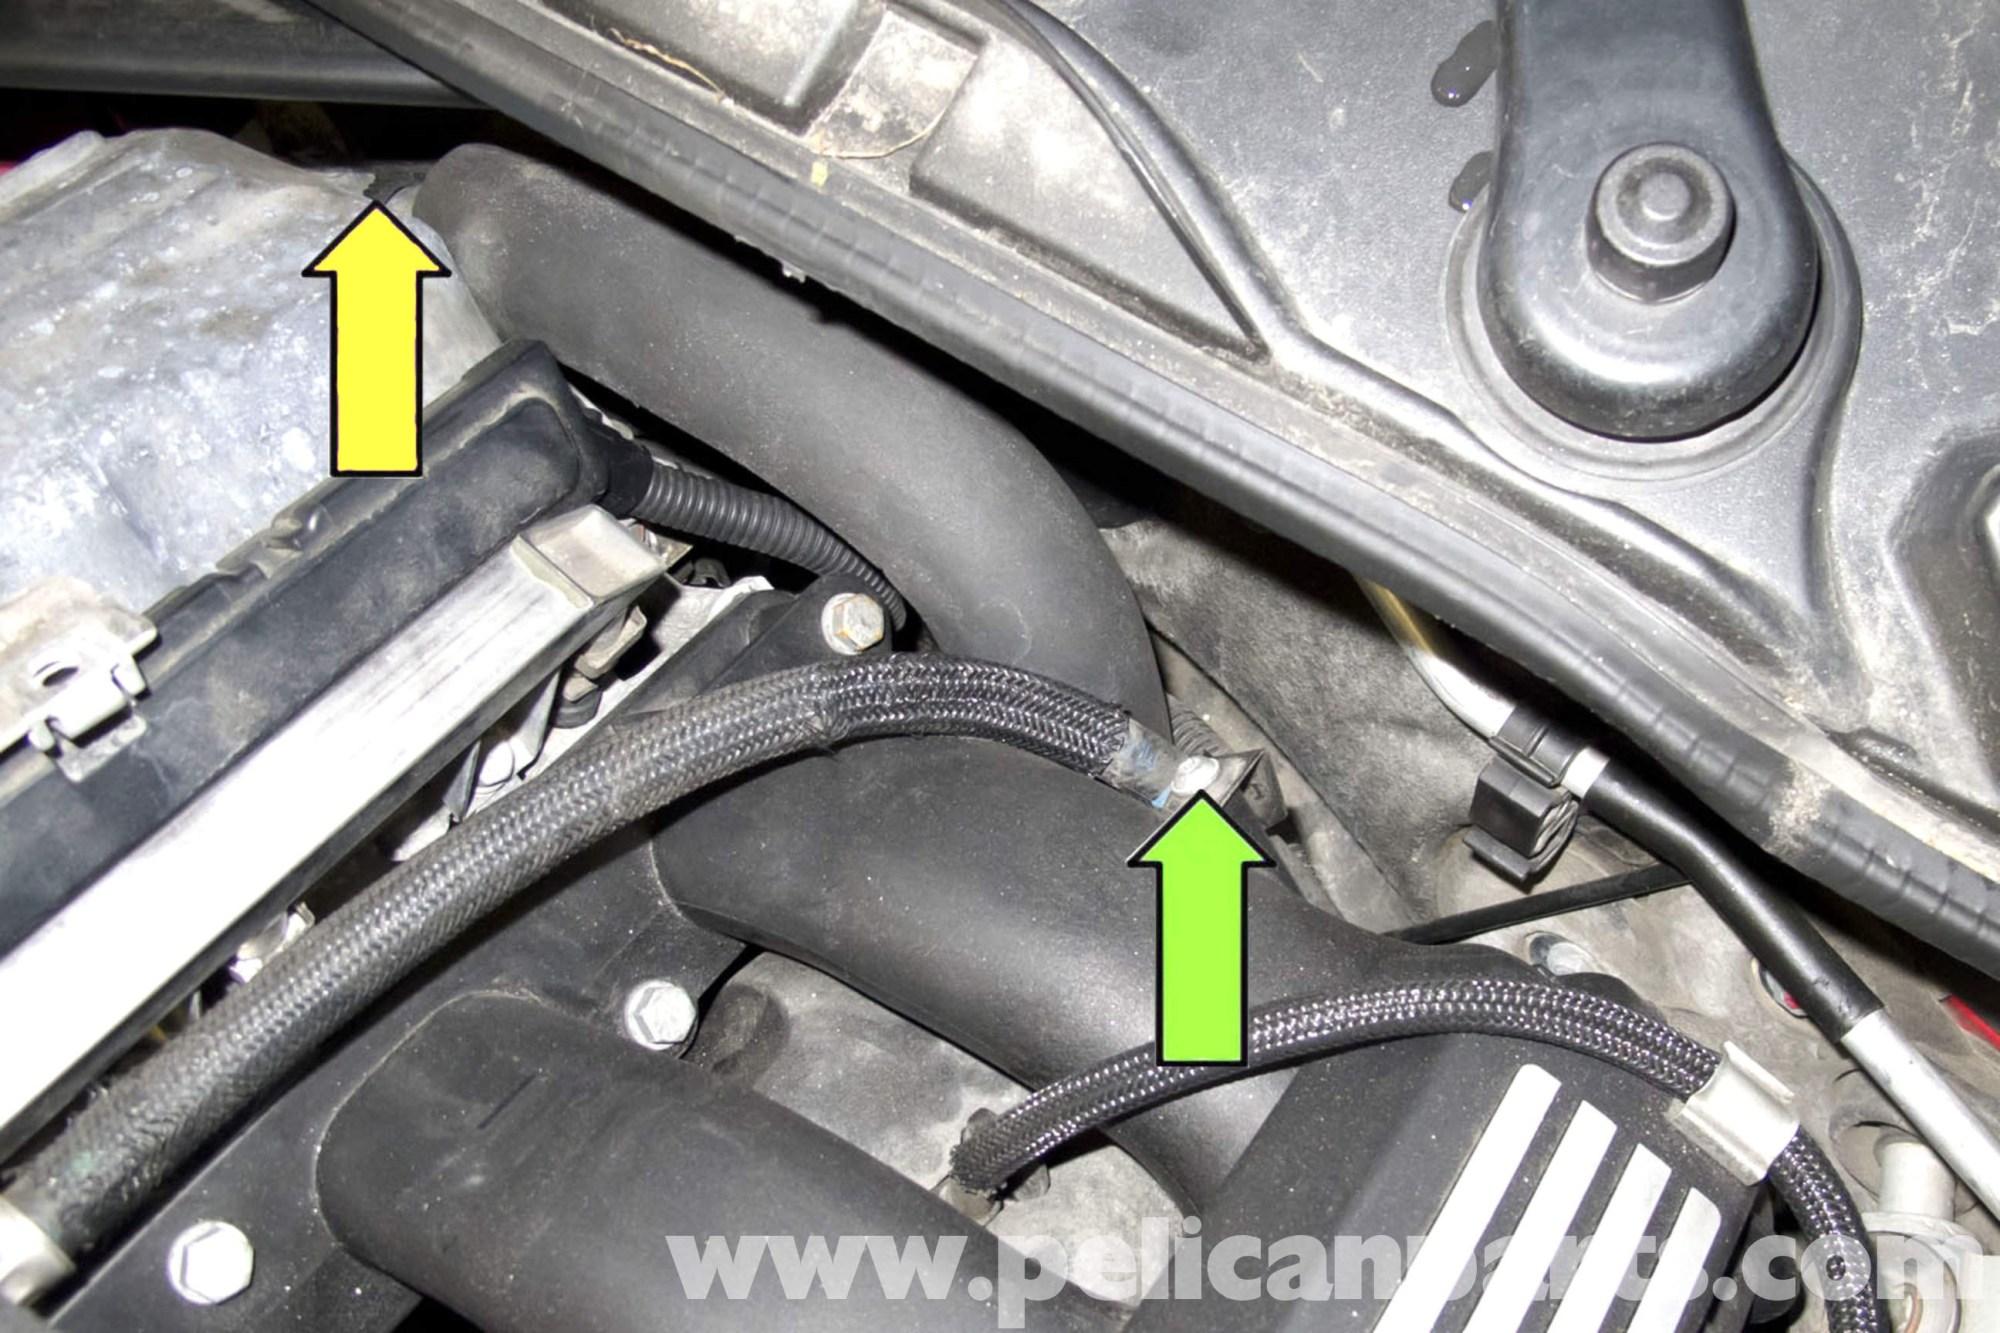 hight resolution of bmw 325i engine diagram bmw e90 intake manifold replacement e91 e92 e93 of bmw 325i engine